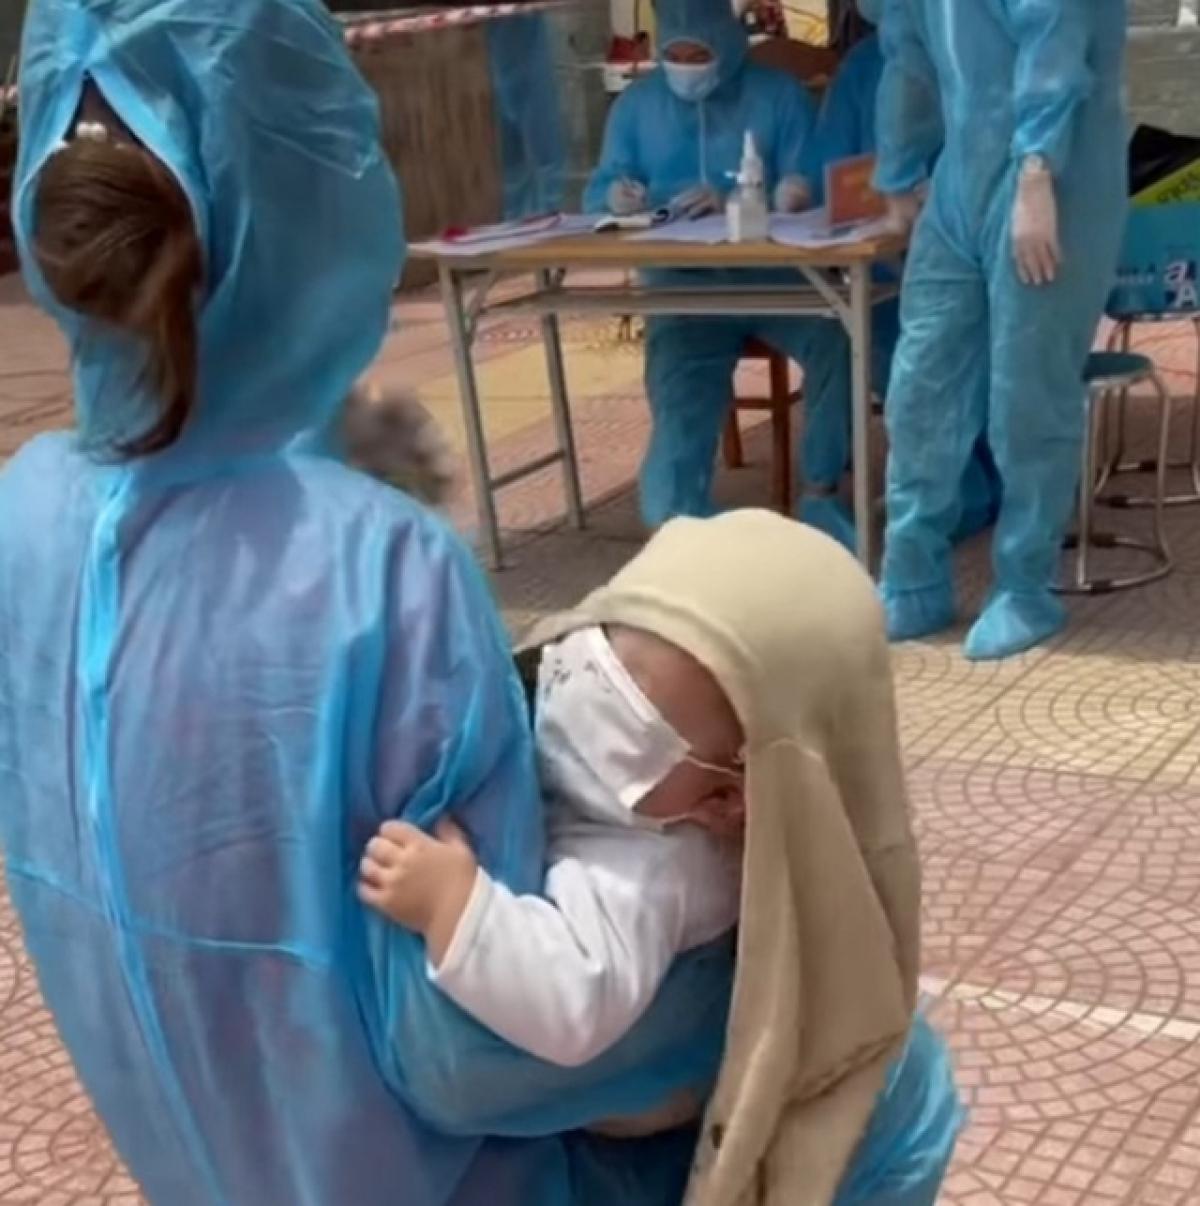 Cháu bé 6 tháng tuổi được mẹ đưa đi lấy mẫu xét nghiệm tại tổ truy vết COVID-19 ở Thuận Thành, Bắc Ninh.